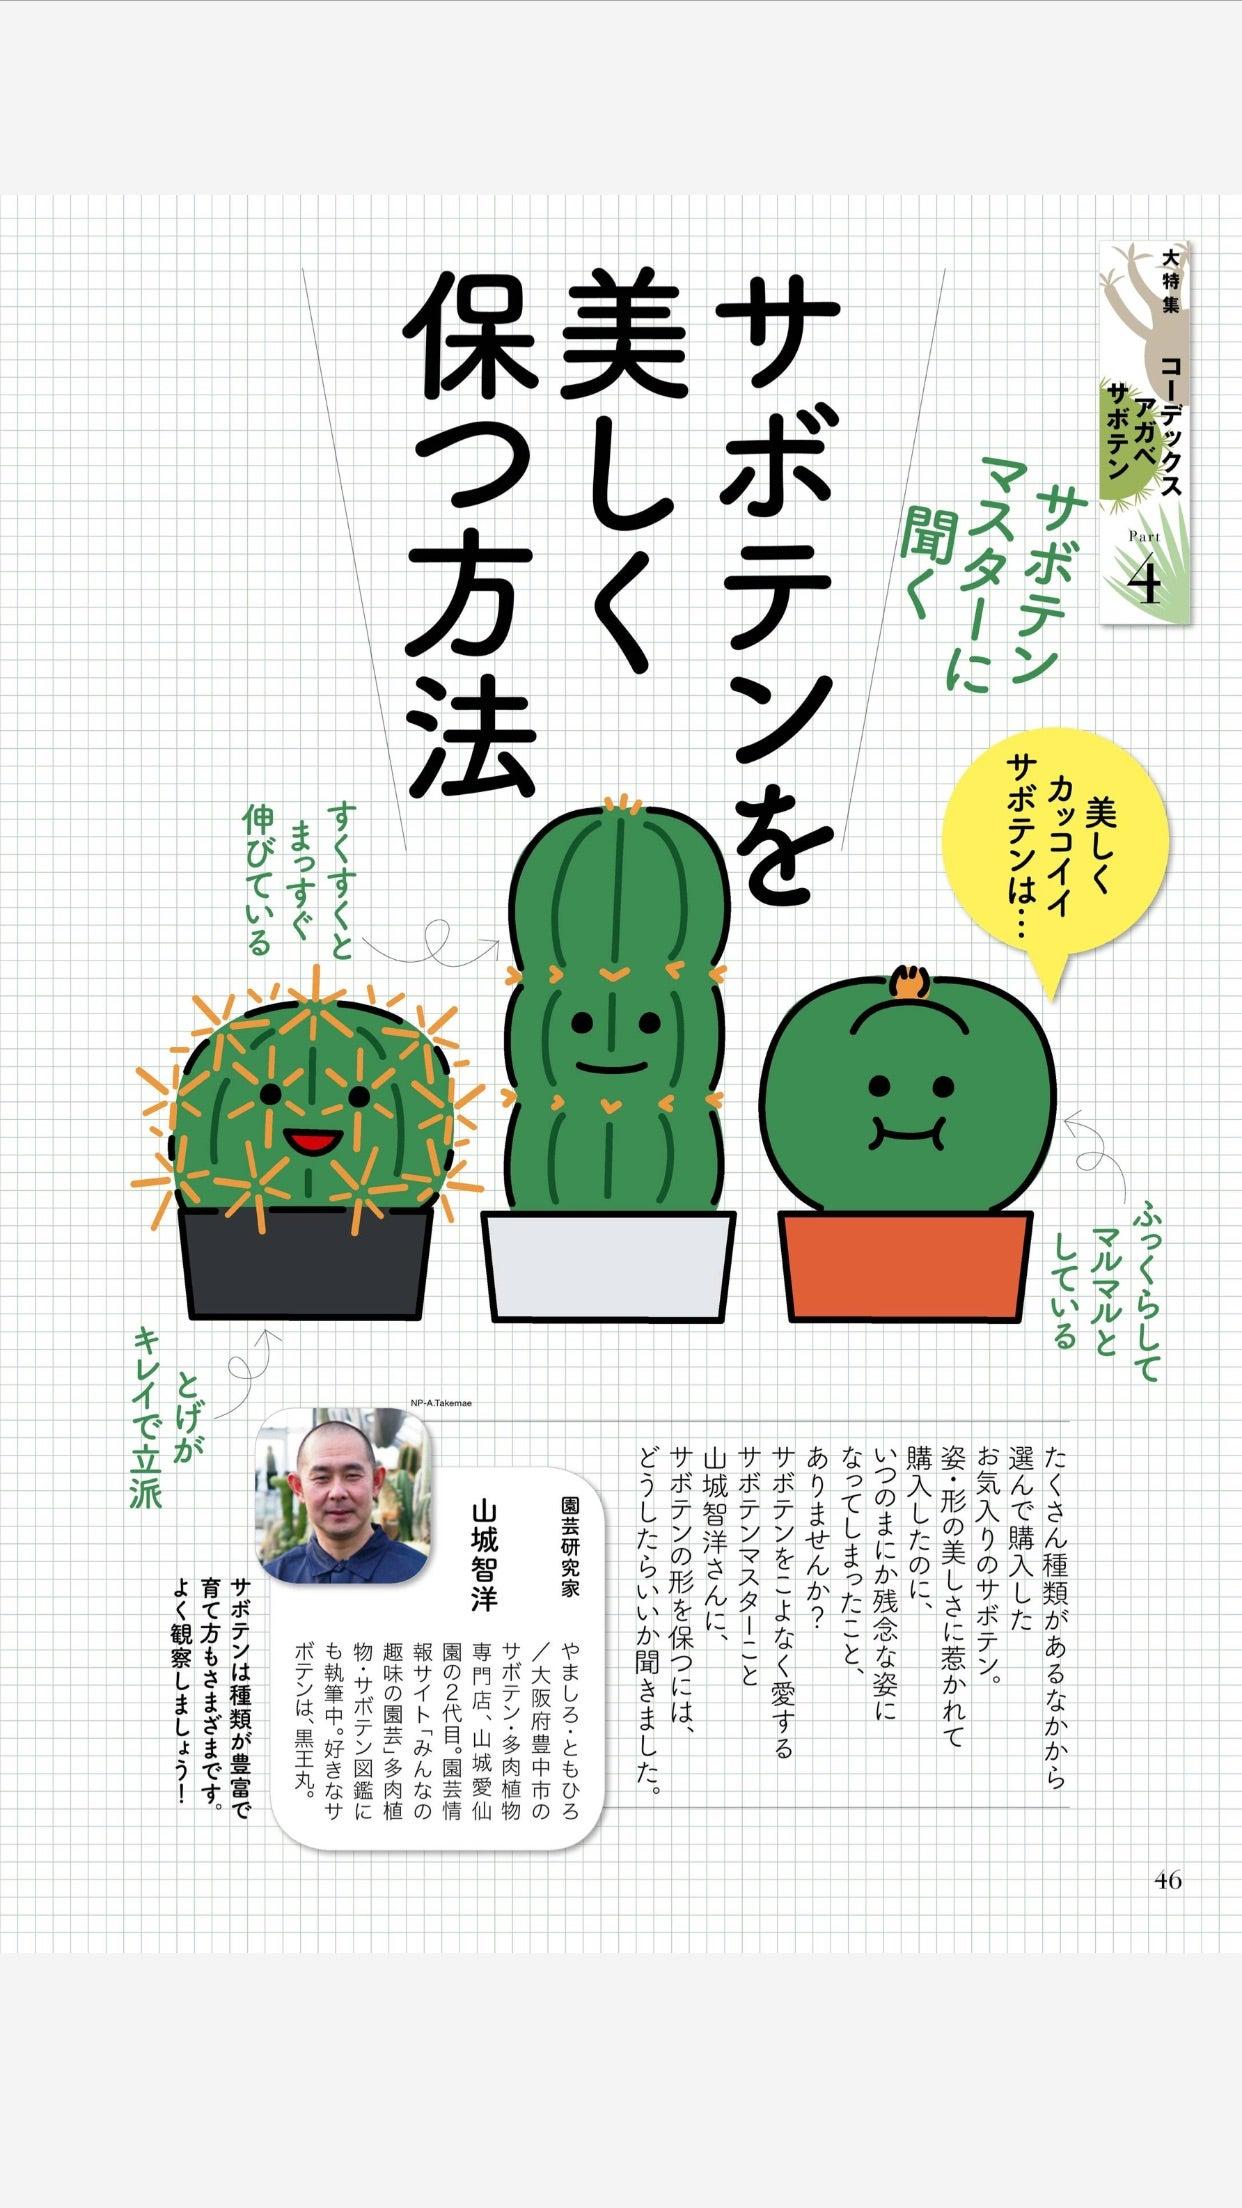 趣味の園芸という雑誌 2020年9月号